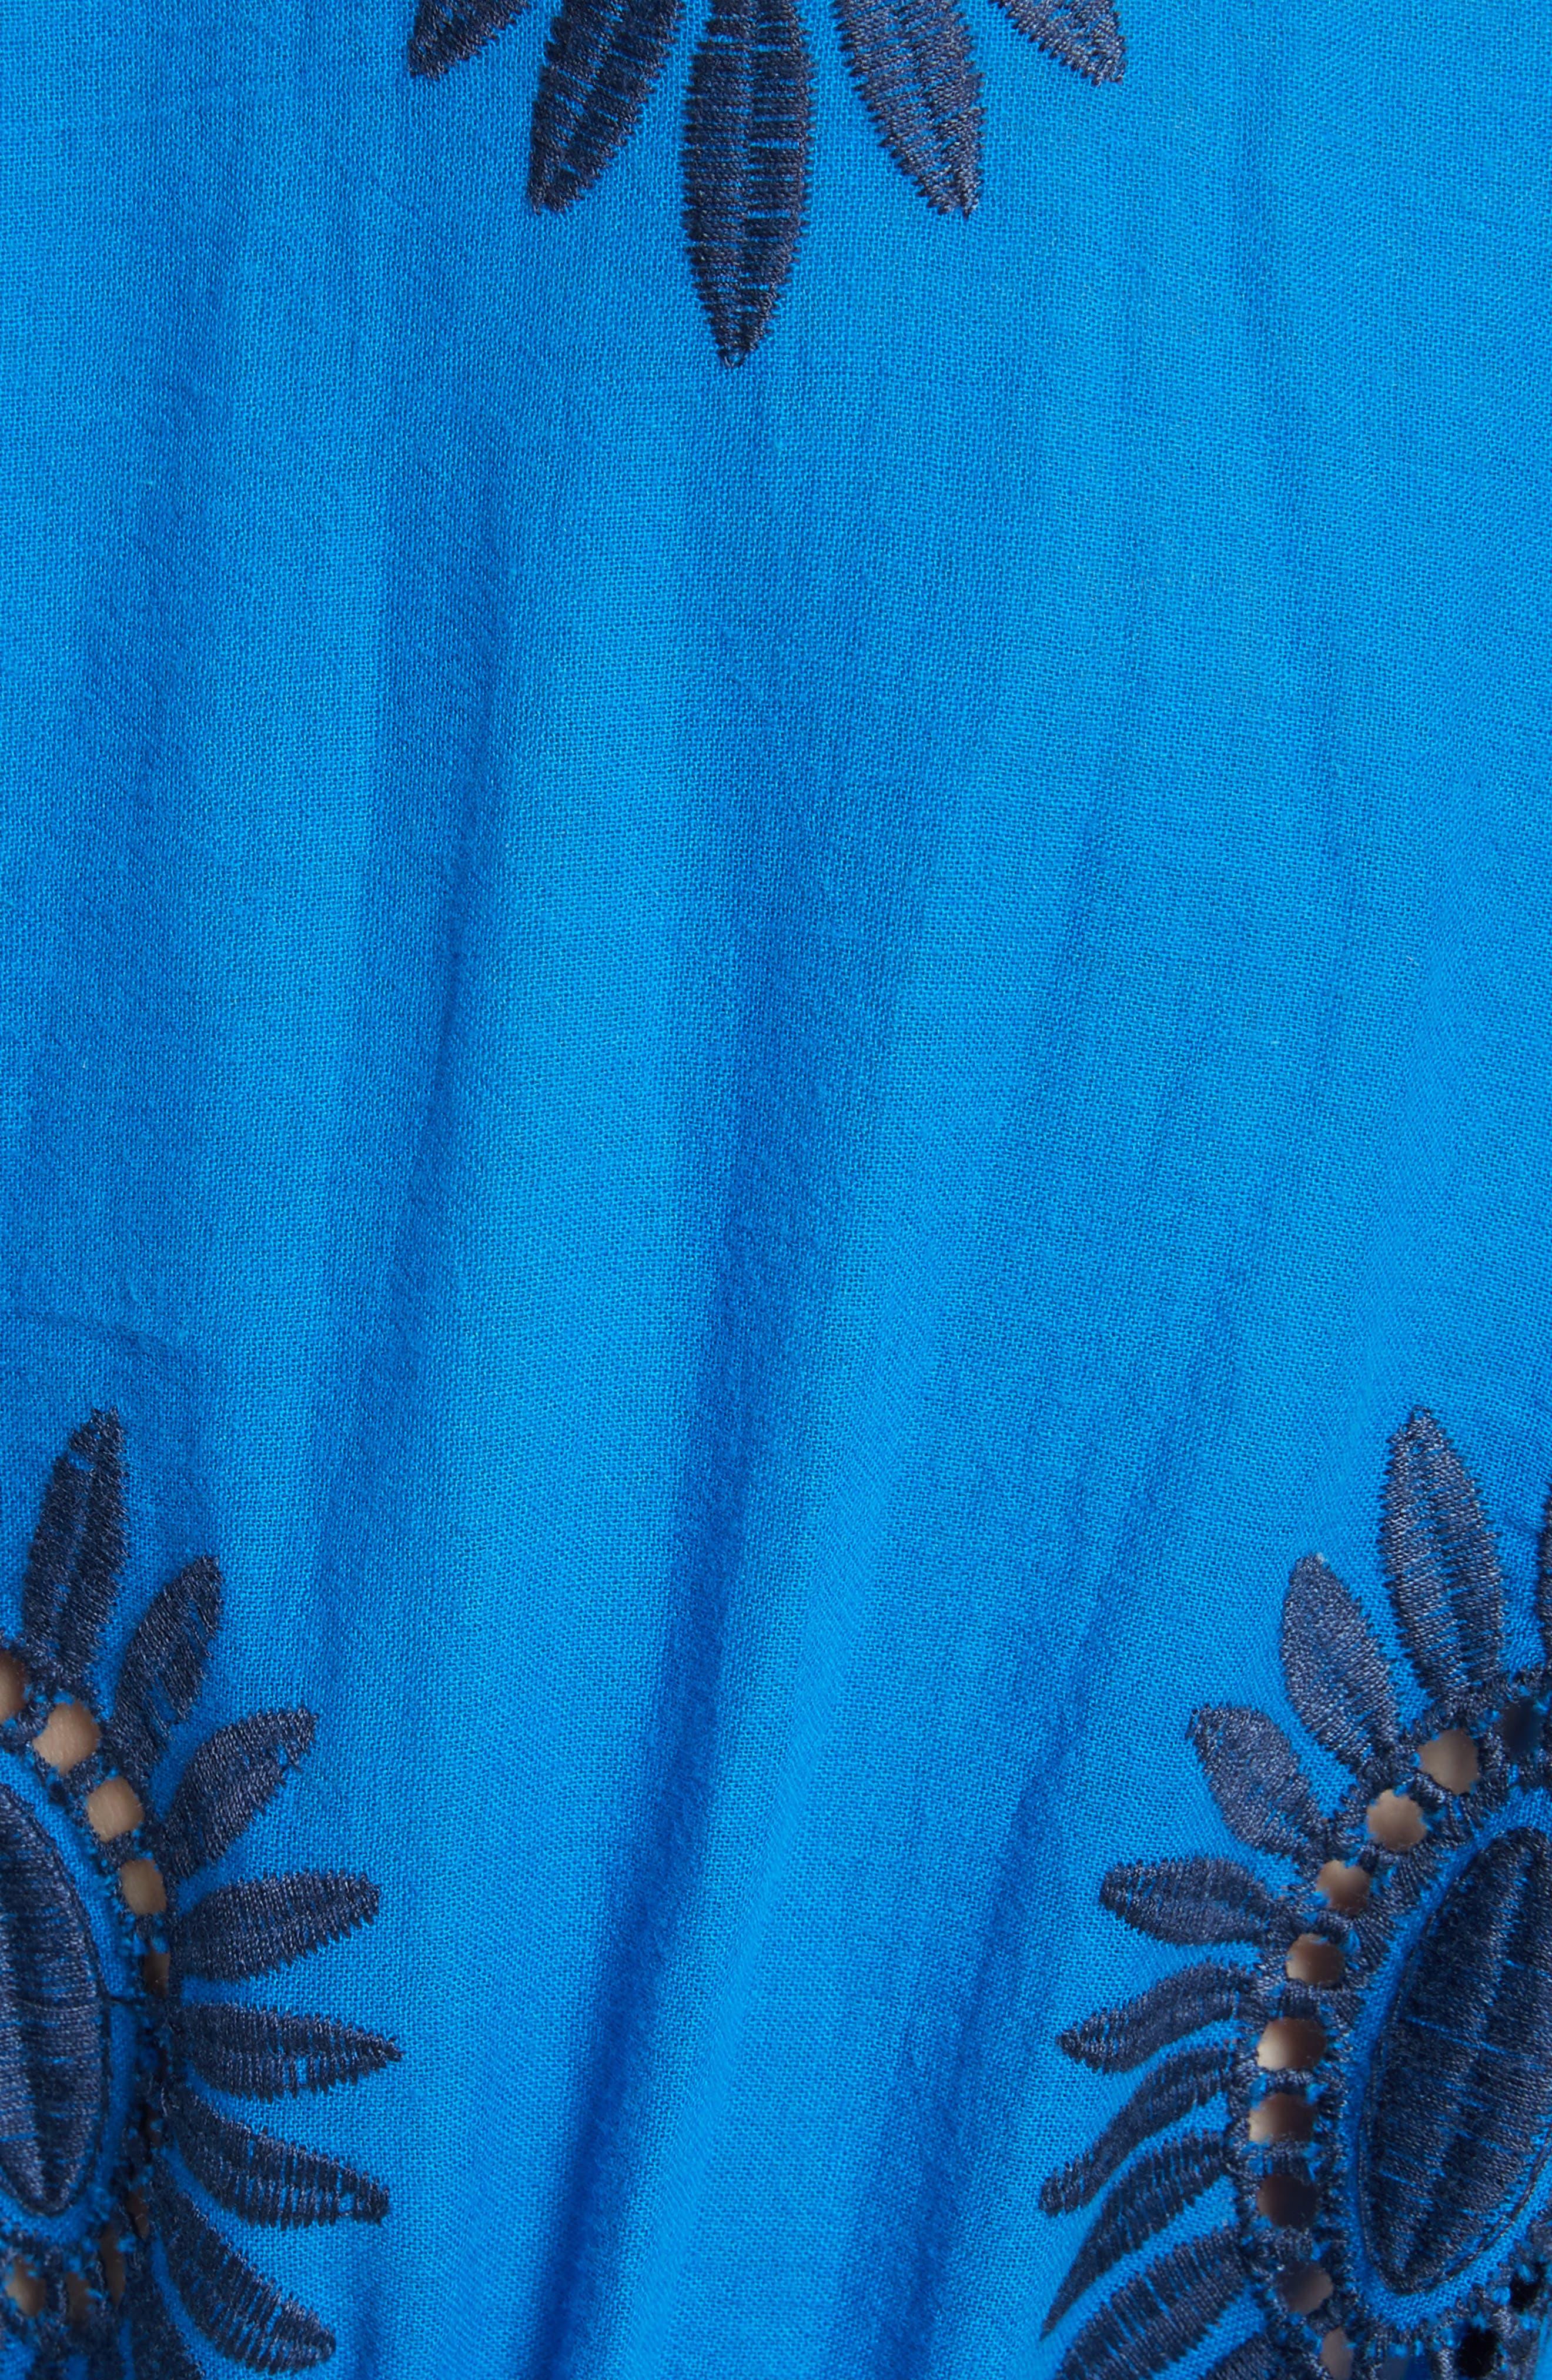 Cotton Eyelet Maxi Dress,                             Alternate thumbnail 5, color,                             Blue/ Navy